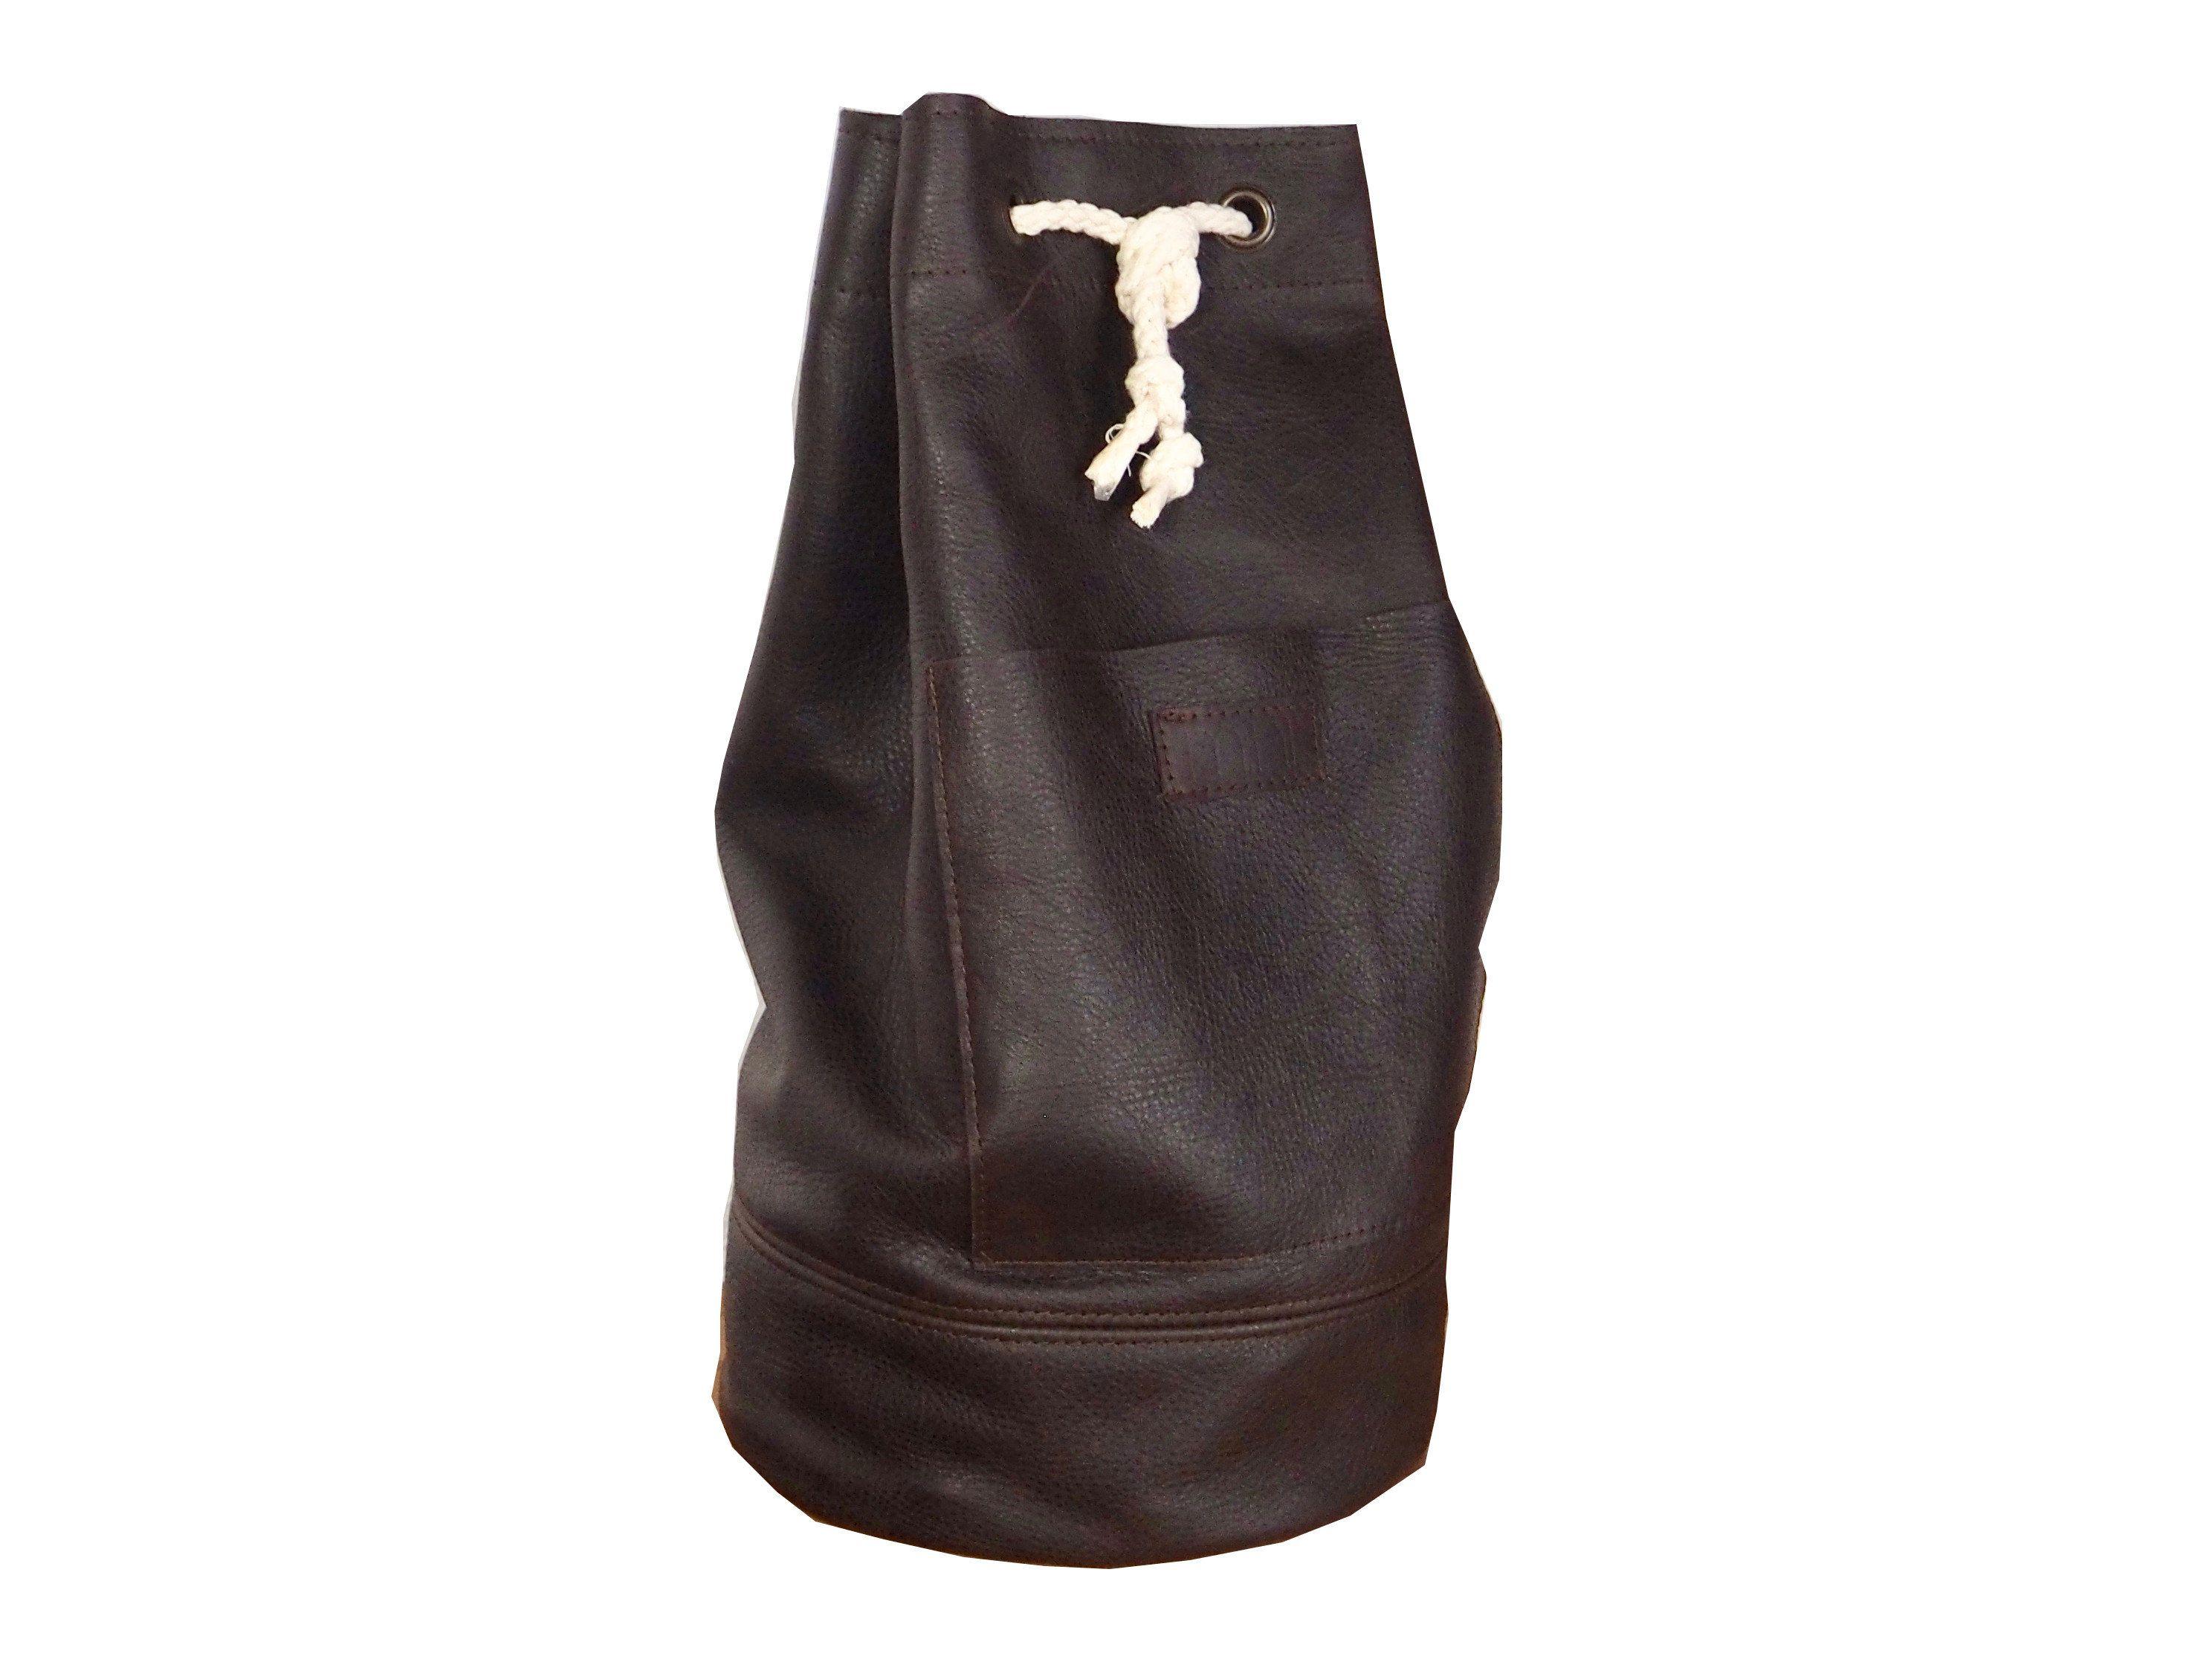 47b91a3dda27f Duffle Bag Leather